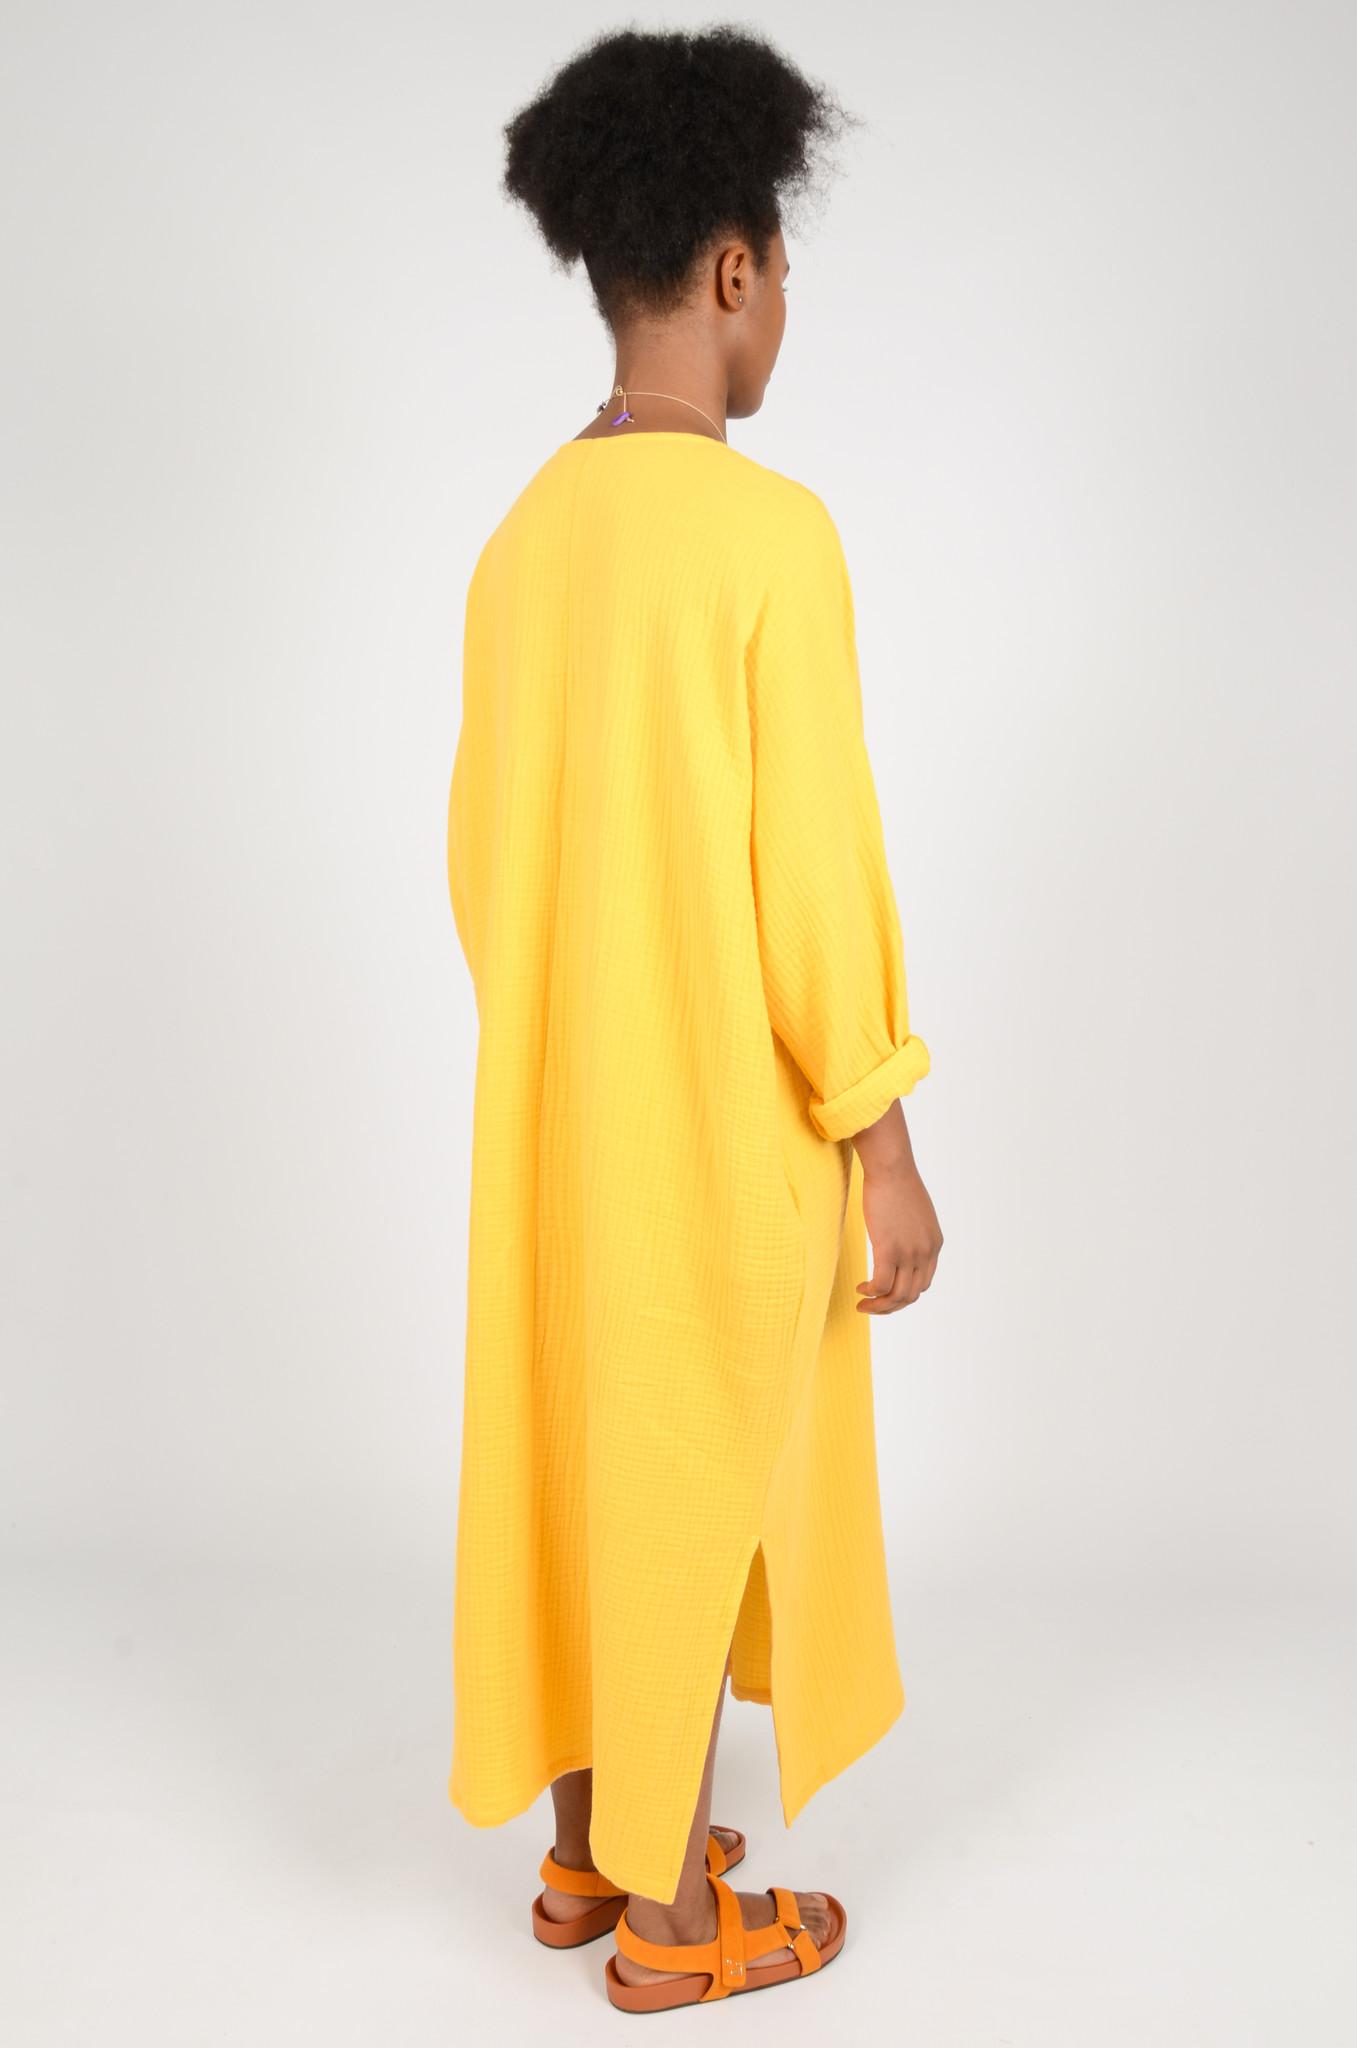 SONEVA DRESS IN BANANA YELLOW-3